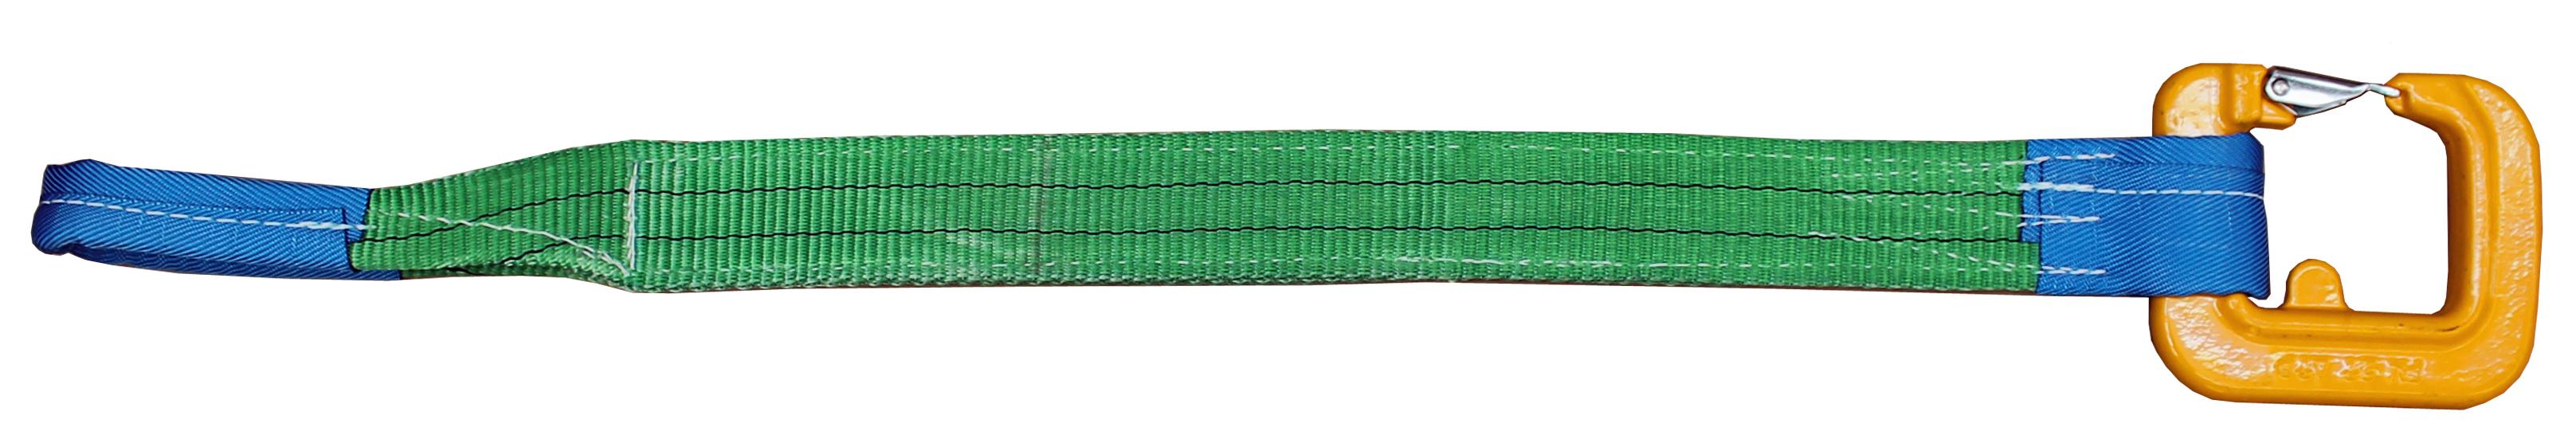 Hebeband 2-lagig  mit Schlaufe + C-Haken  Tragfähigkeit 2 Tonnen